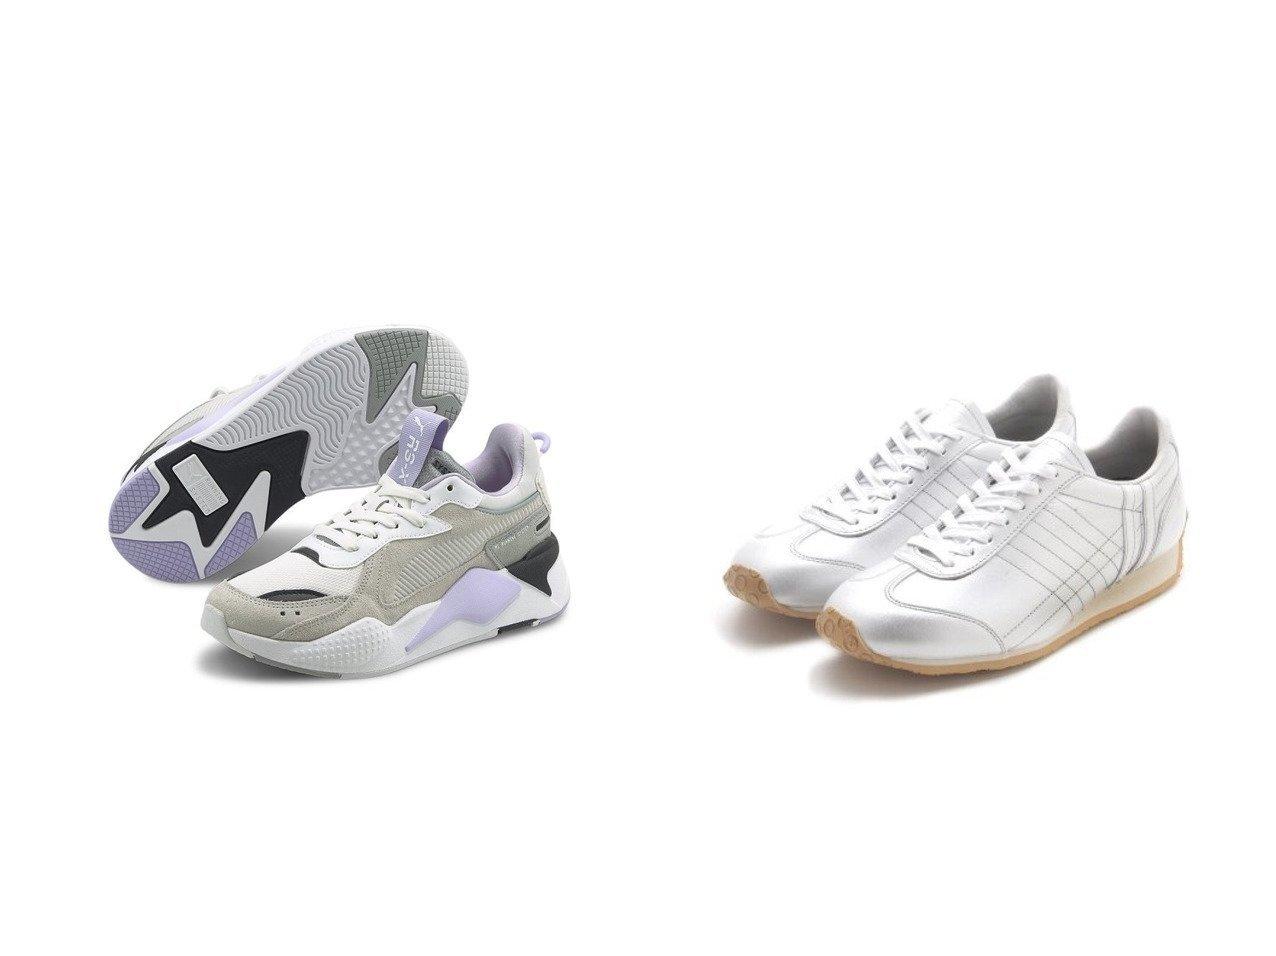 【emmi/エミ】の【PATRICK】L.PAMIR-WP&【PUMA/プーマ】のPUMA x emmi RS-X リインベント ウィメンズ スニーカー 【シューズ・靴】おすすめ!人気、トレンド・レディースファッションの通販  おすすめで人気の流行・トレンド、ファッションの通販商品 メンズファッション・キッズファッション・インテリア・家具・レディースファッション・服の通販 founy(ファニー) https://founy.com/ ファッション Fashion レディースファッション WOMEN シューズ スニーカー スリッポン 2021年 2021 2021春夏・S/S SS/Spring/Summer/2021 S/S・春夏 SS・Spring/Summer スタイリッシュ 人気 春 Spring |ID:crp329100000032104